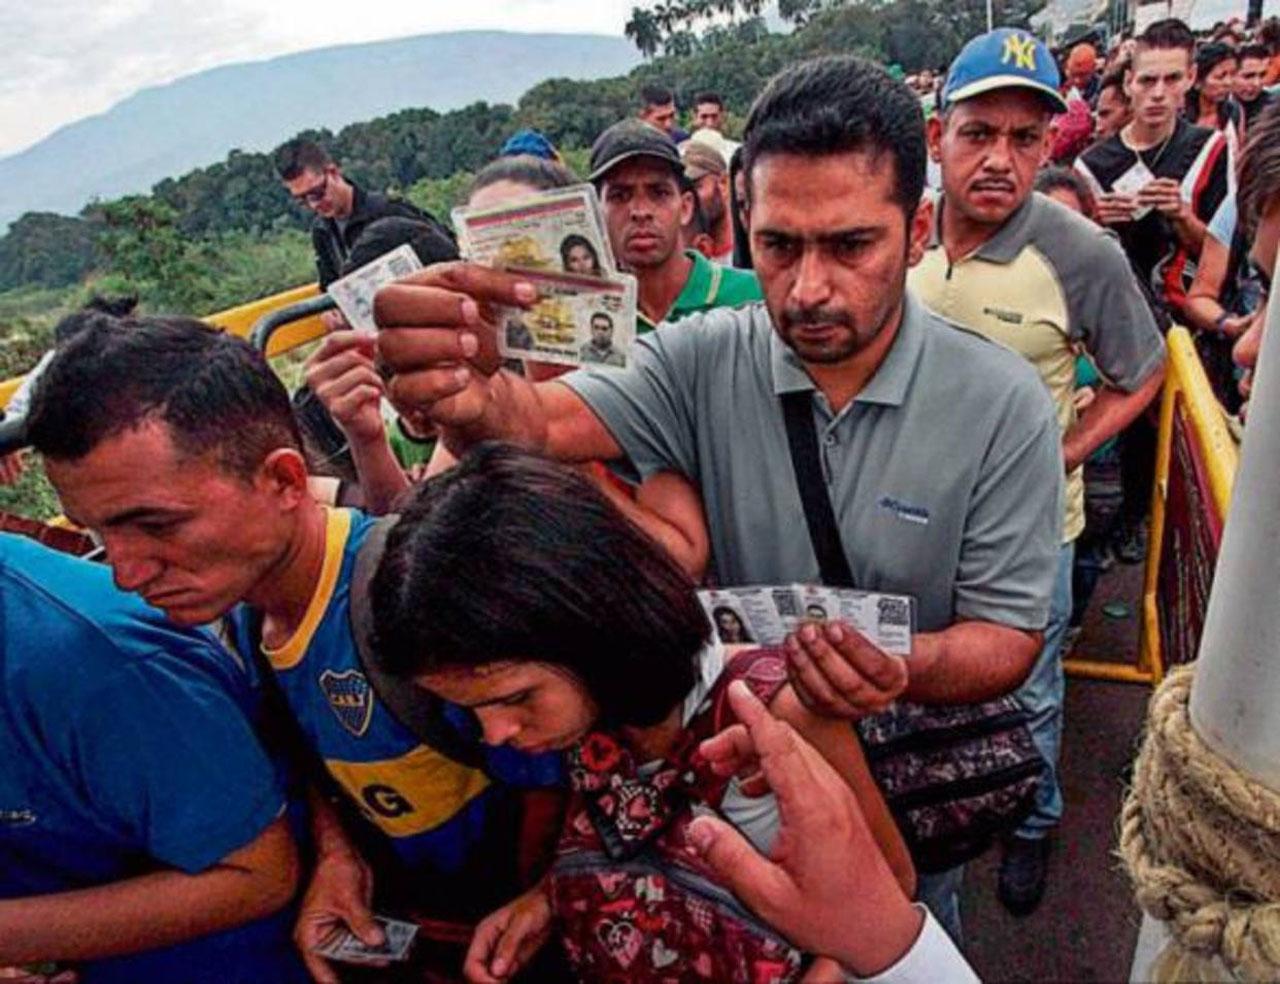 venezuela_puente_de_inmigrantes.jpg